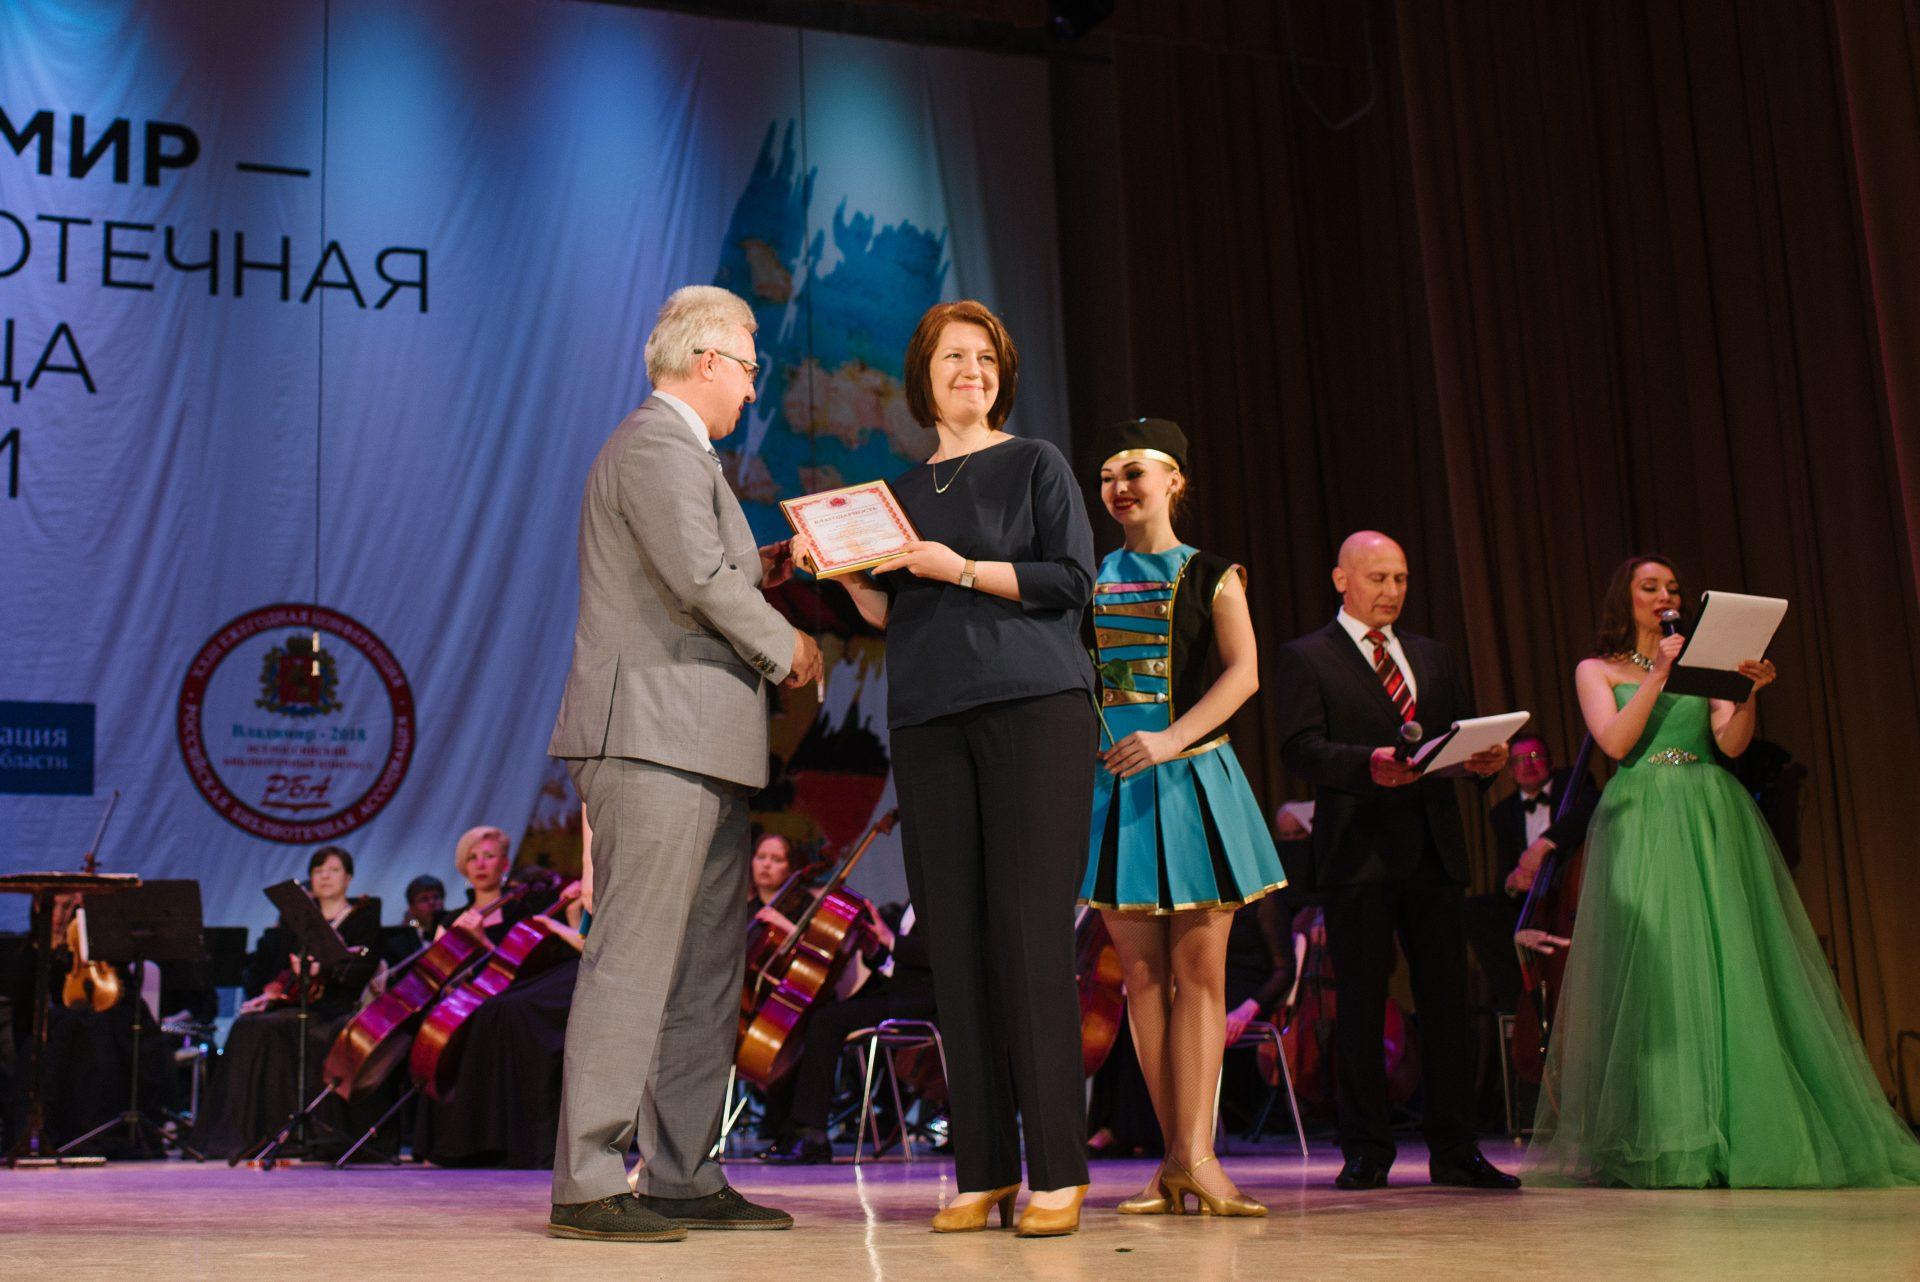 Kudasova